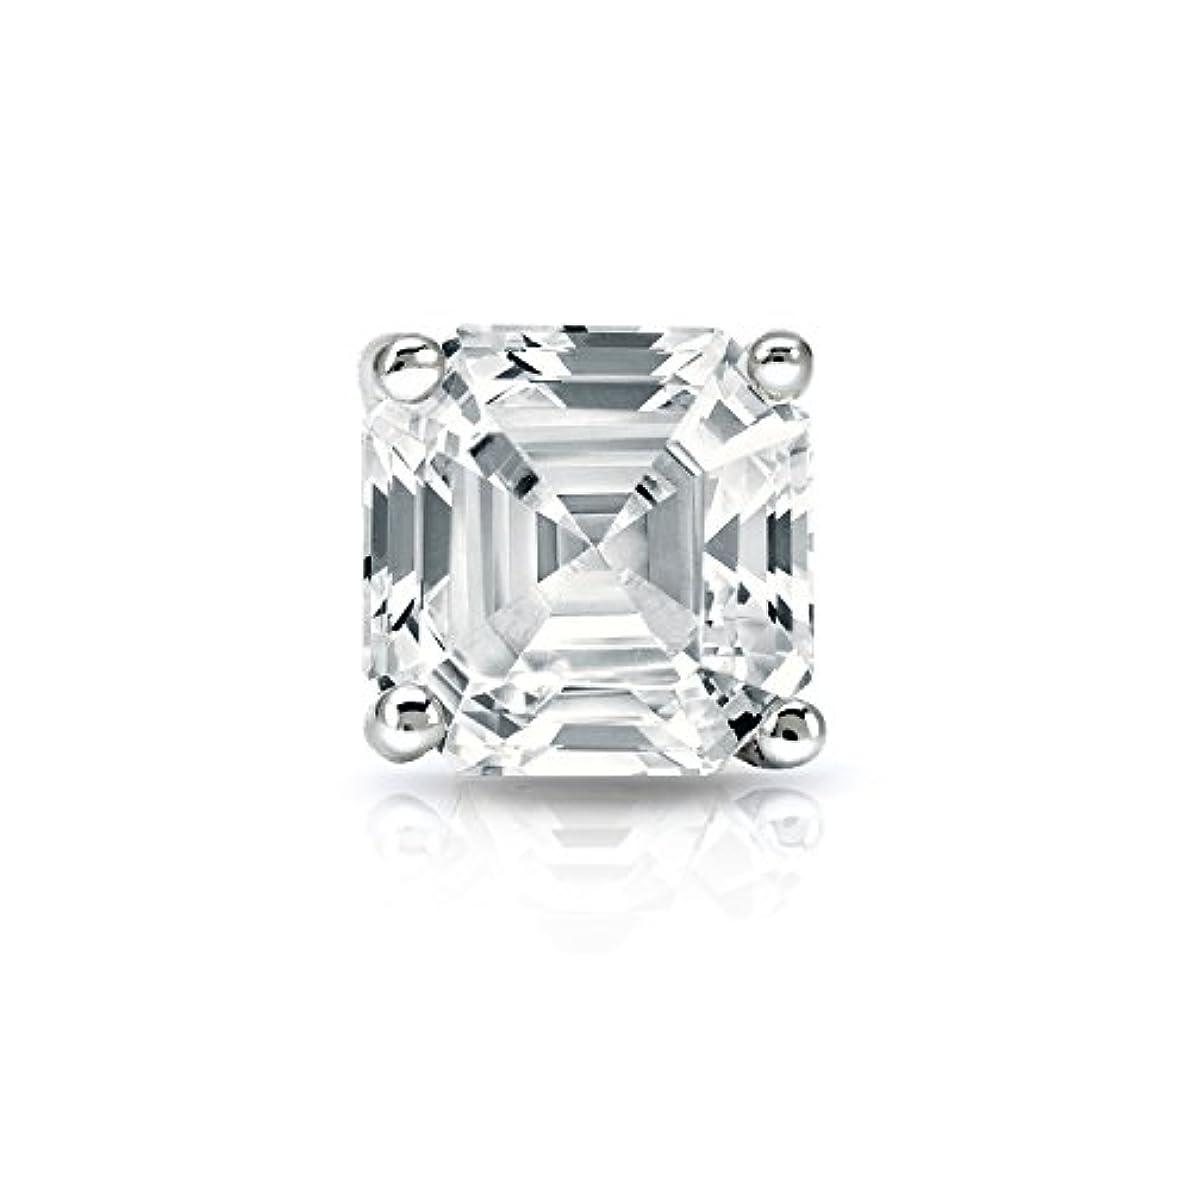 ジェームズダイソン債務者ブリードプラチナ4プロングMartini Asscherダイヤモンドメンズシングルスタッドイヤリング( 1 / 4 – 1 CT、ホワイト、si1-si2 ) push-back